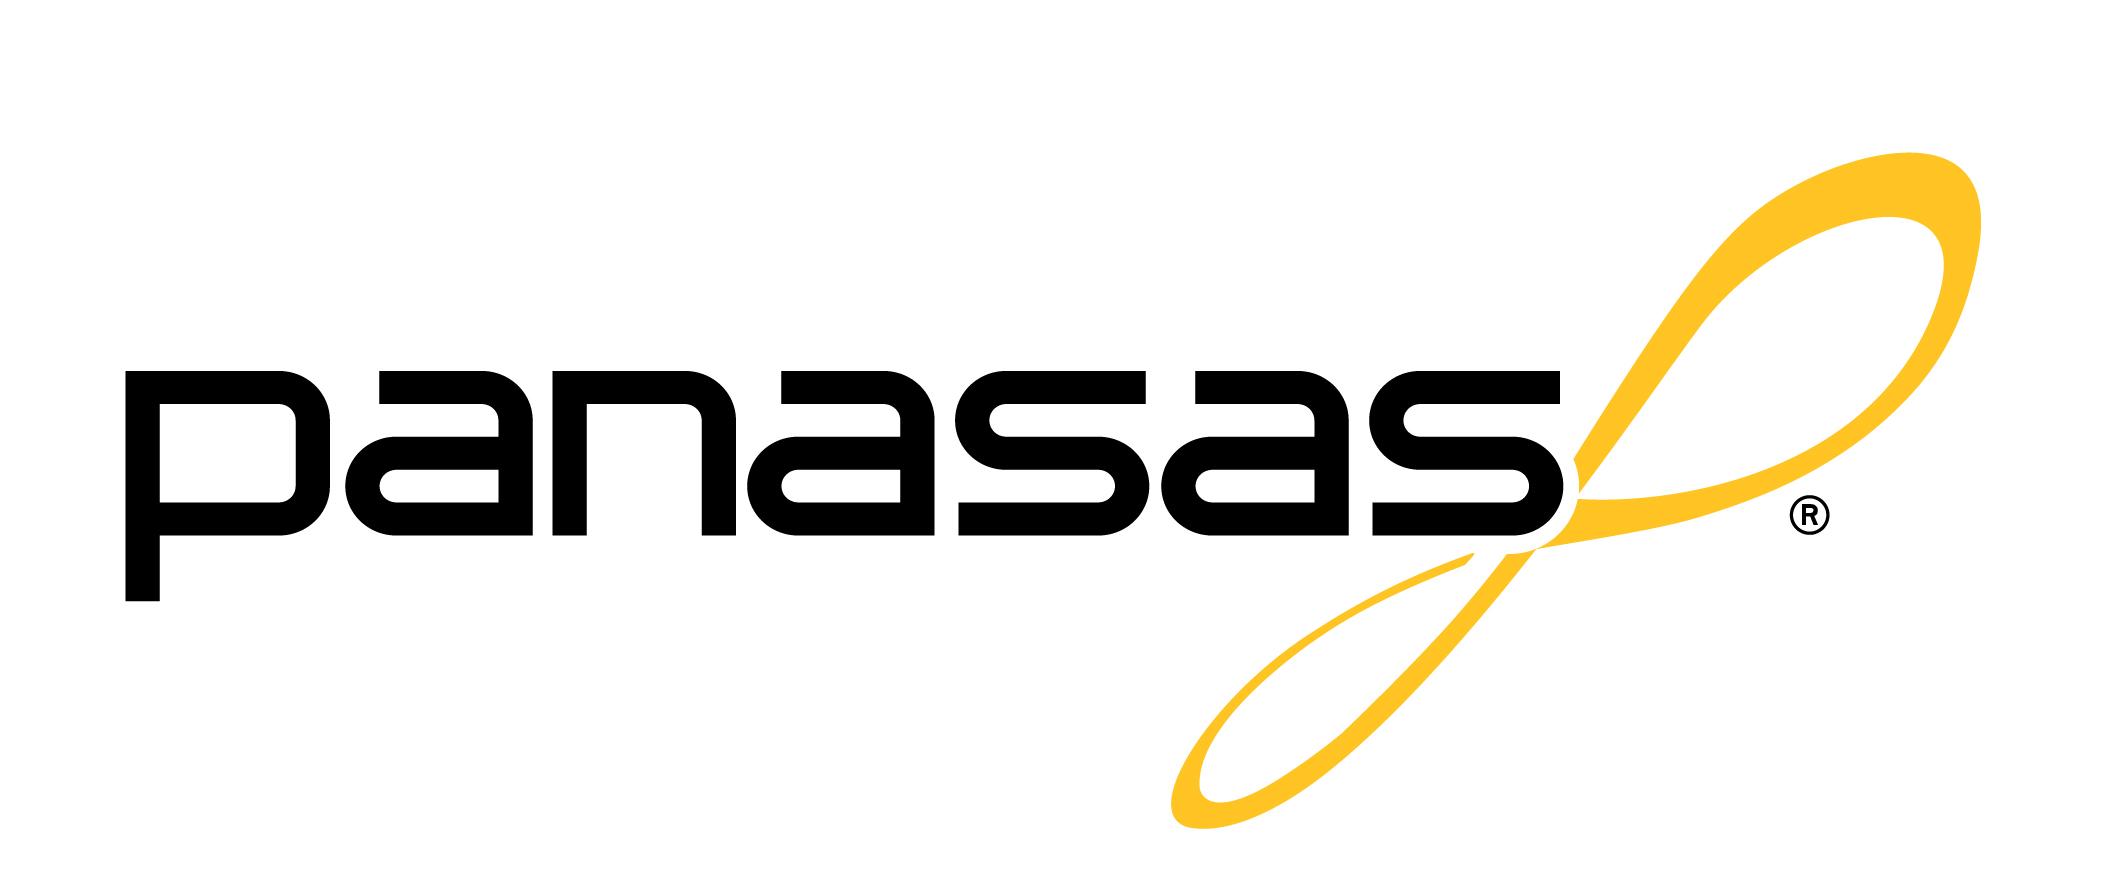 Panasas_Logo.jpg